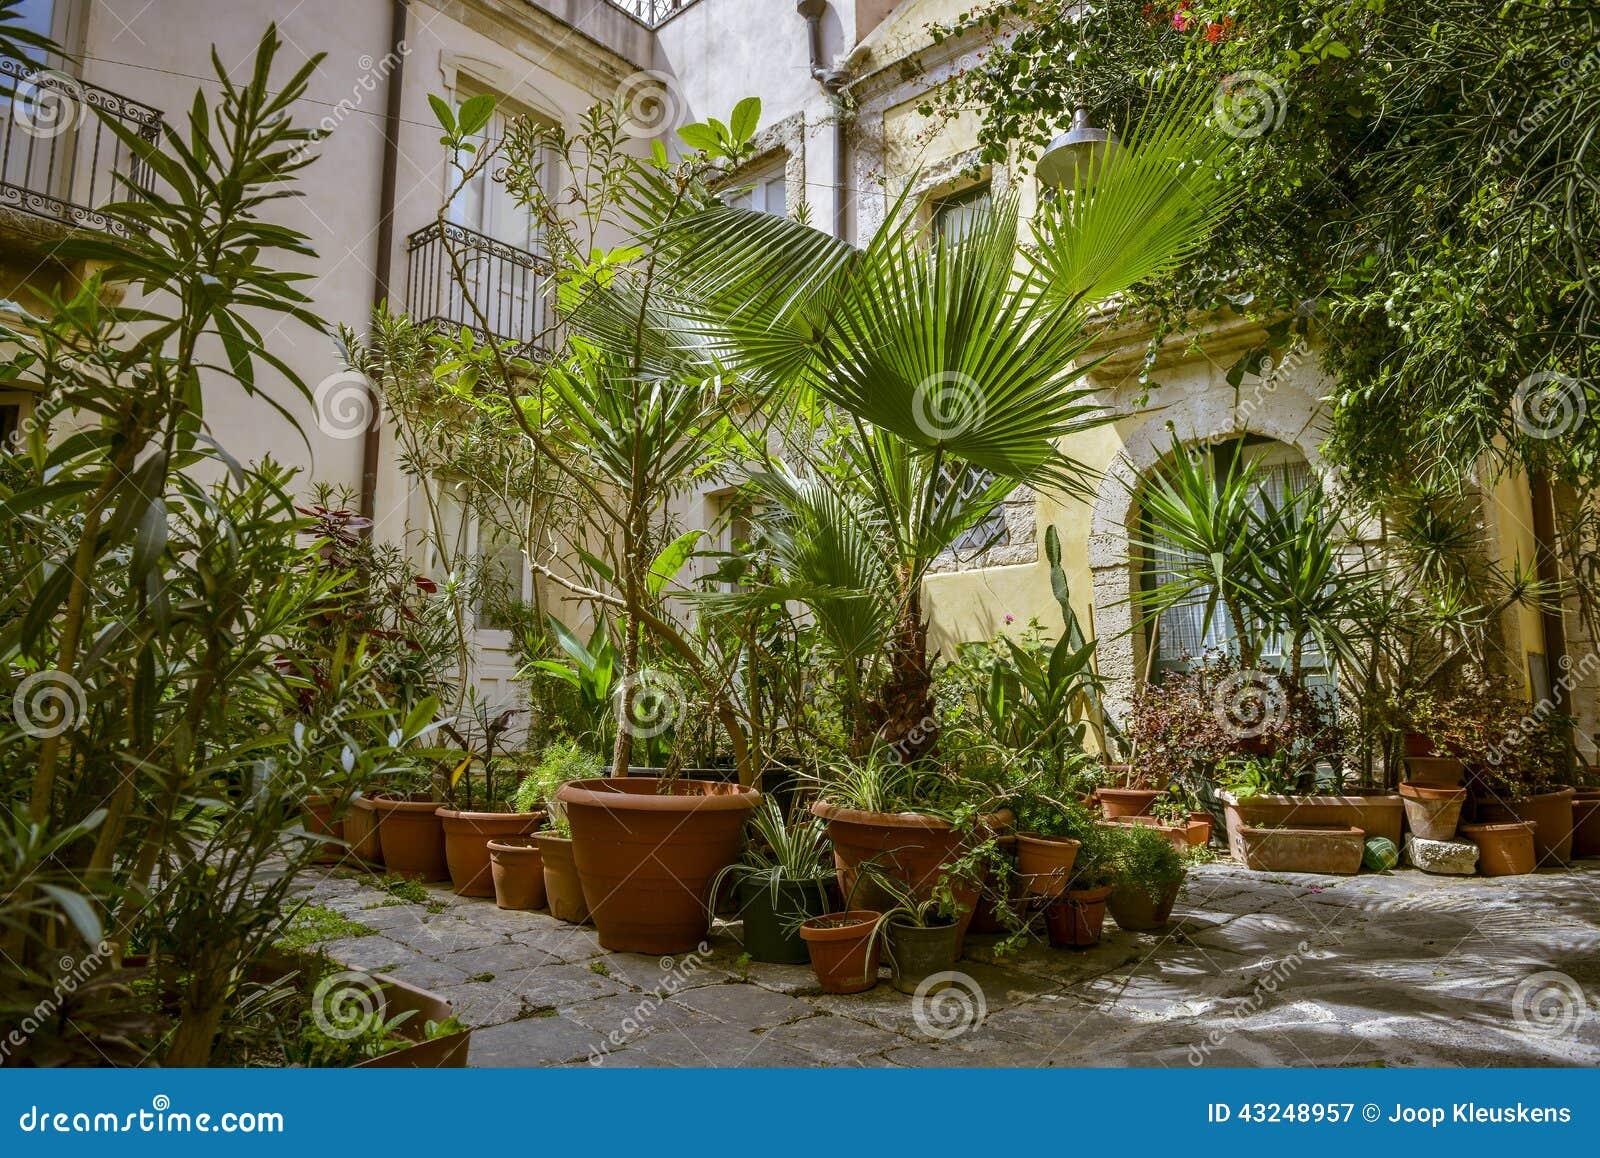 Jardin Avec Des Pots De Terre Cuite Photo Stock Image